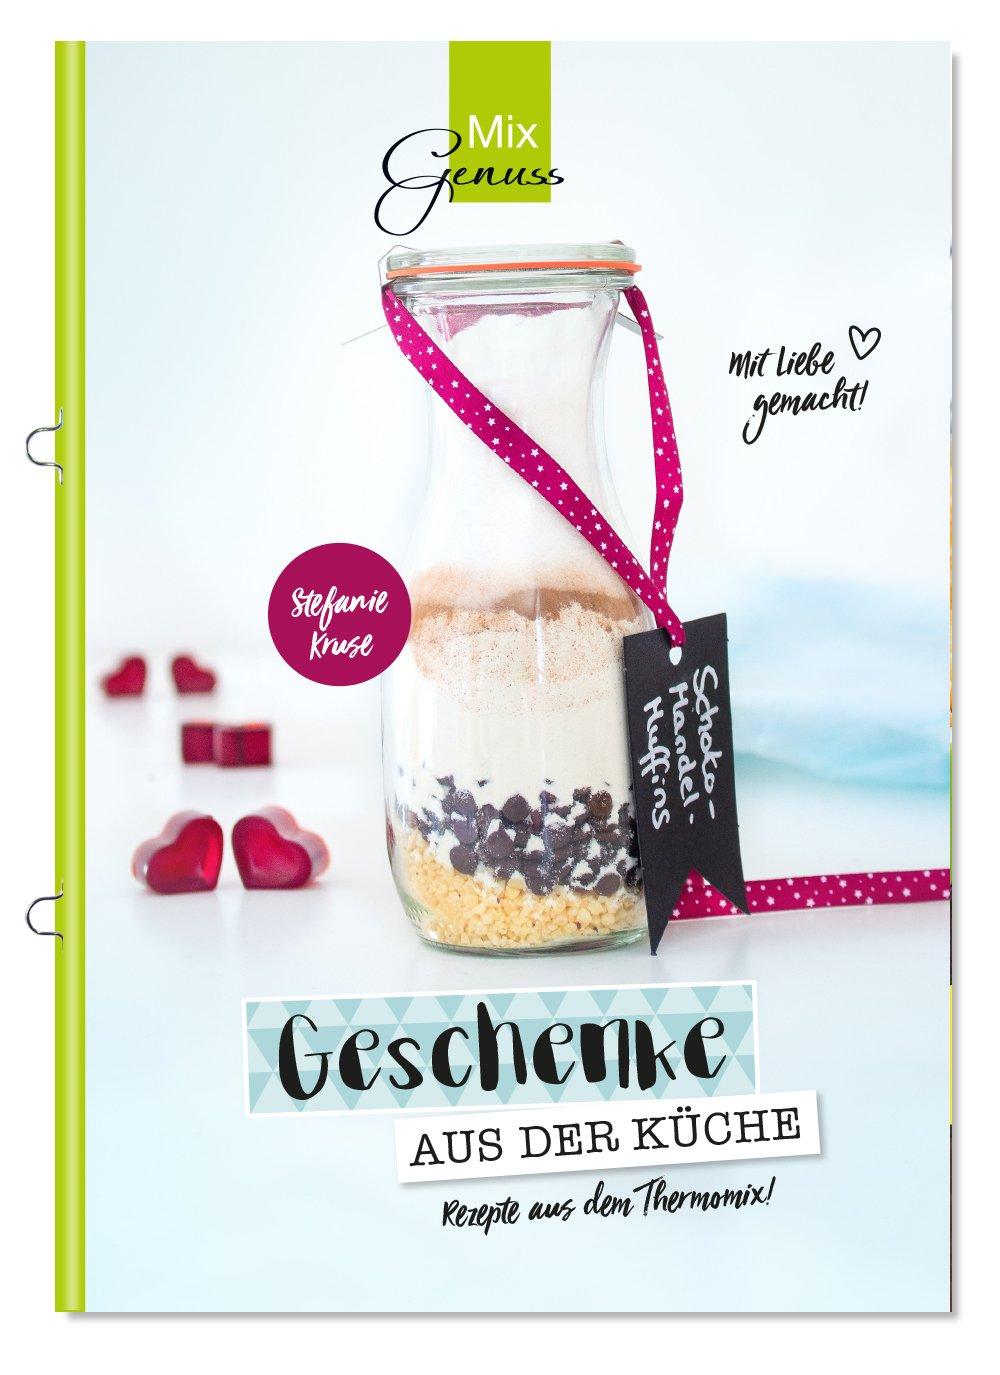 Geschenke aus der Küche: Rezepte aus dem Thermomix Broschüre – 2. Mai 2018 Stefanie Kruse C. T. Wild Verlag 3961810125 Themenkochbücher